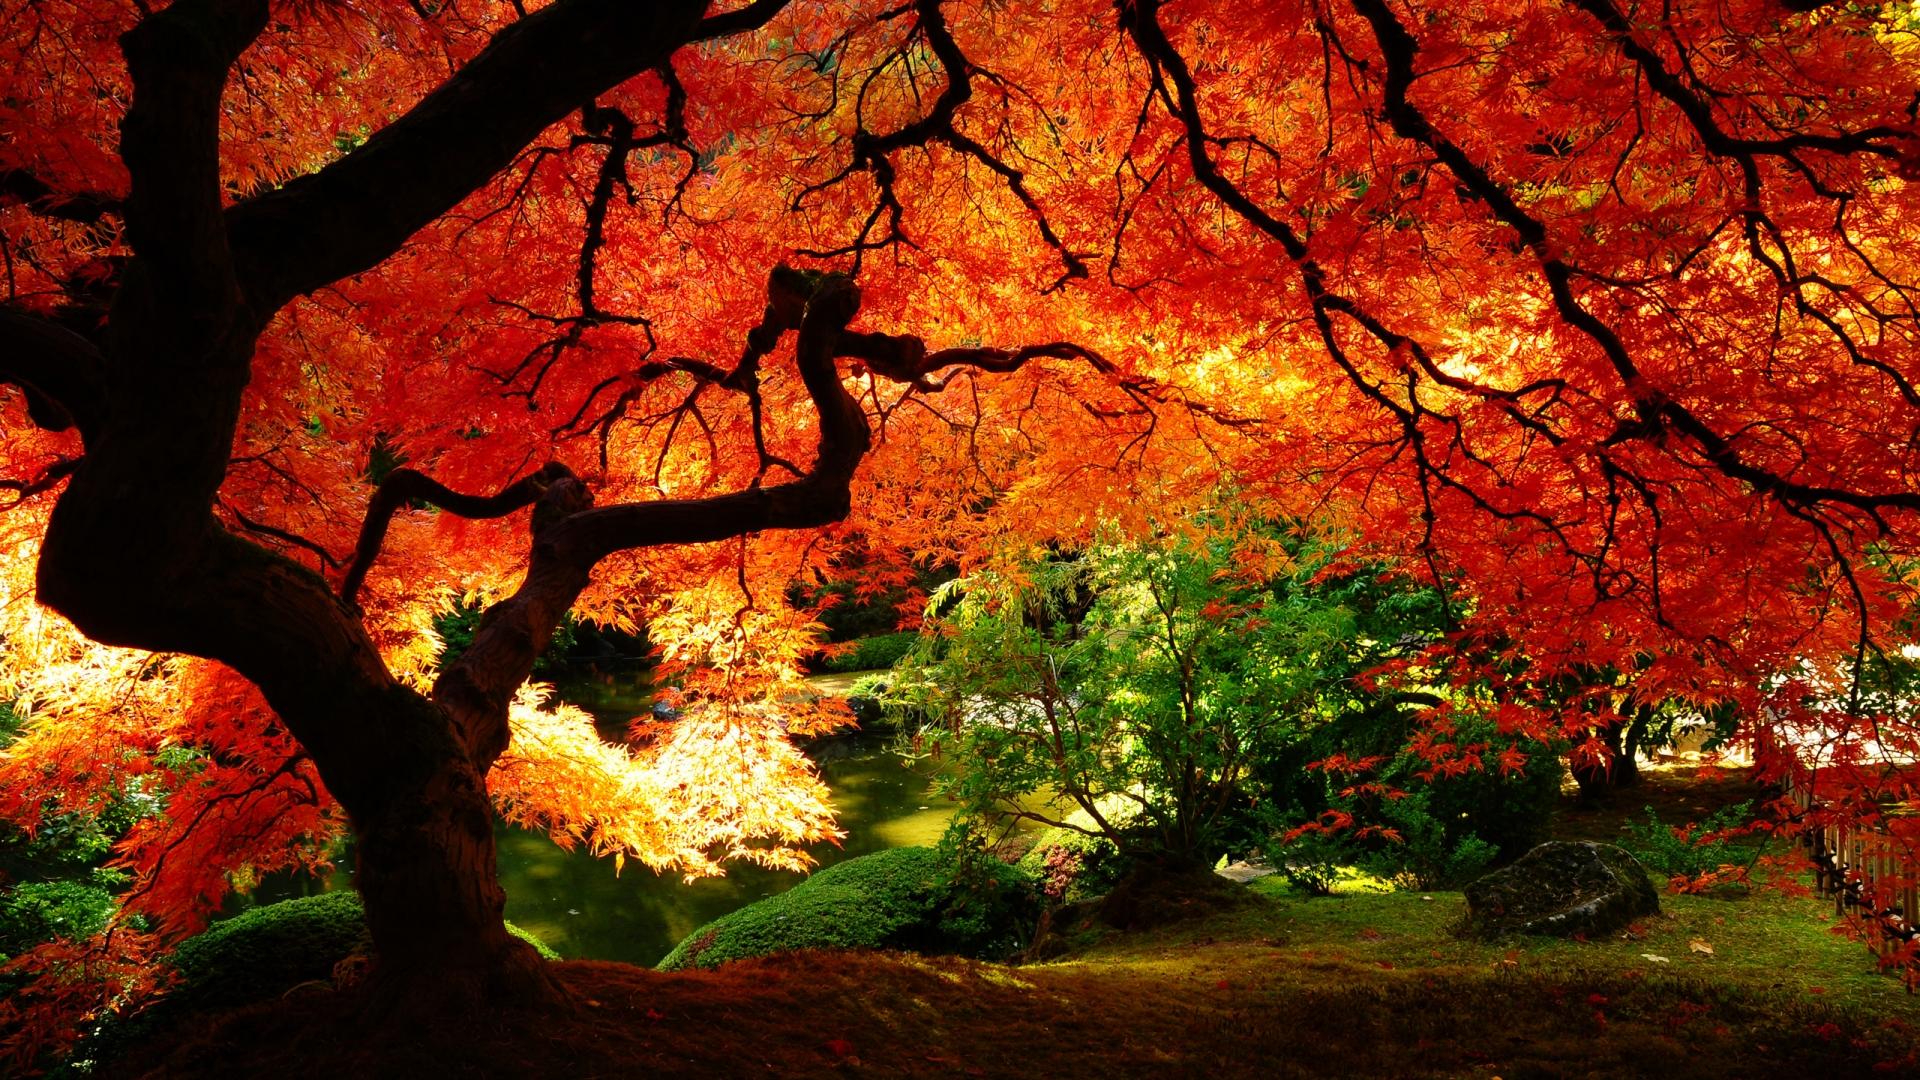 Autumn Tree wallpaper   677335 1920x1080